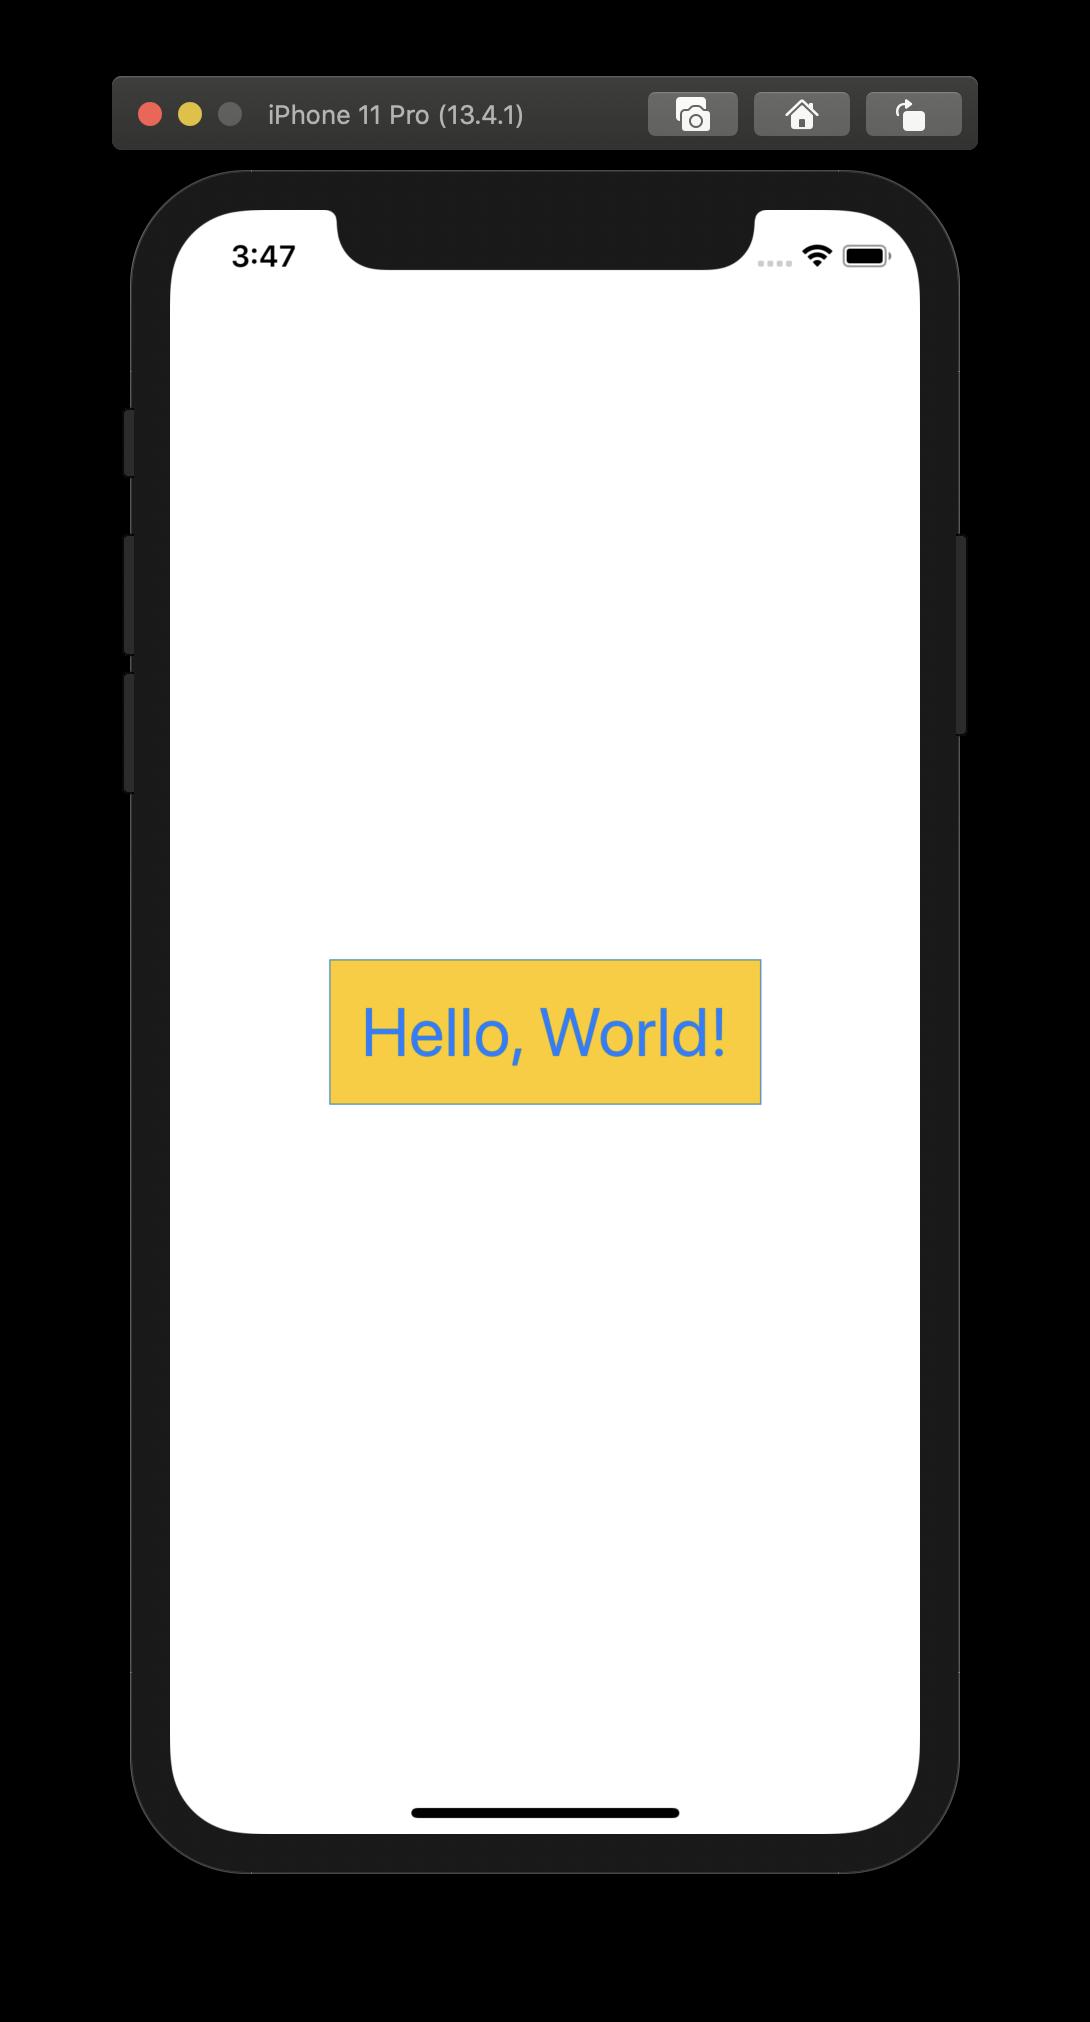 Diese Text-View wurde mithilfe eines eigens kreierten Modifiers angepasst.